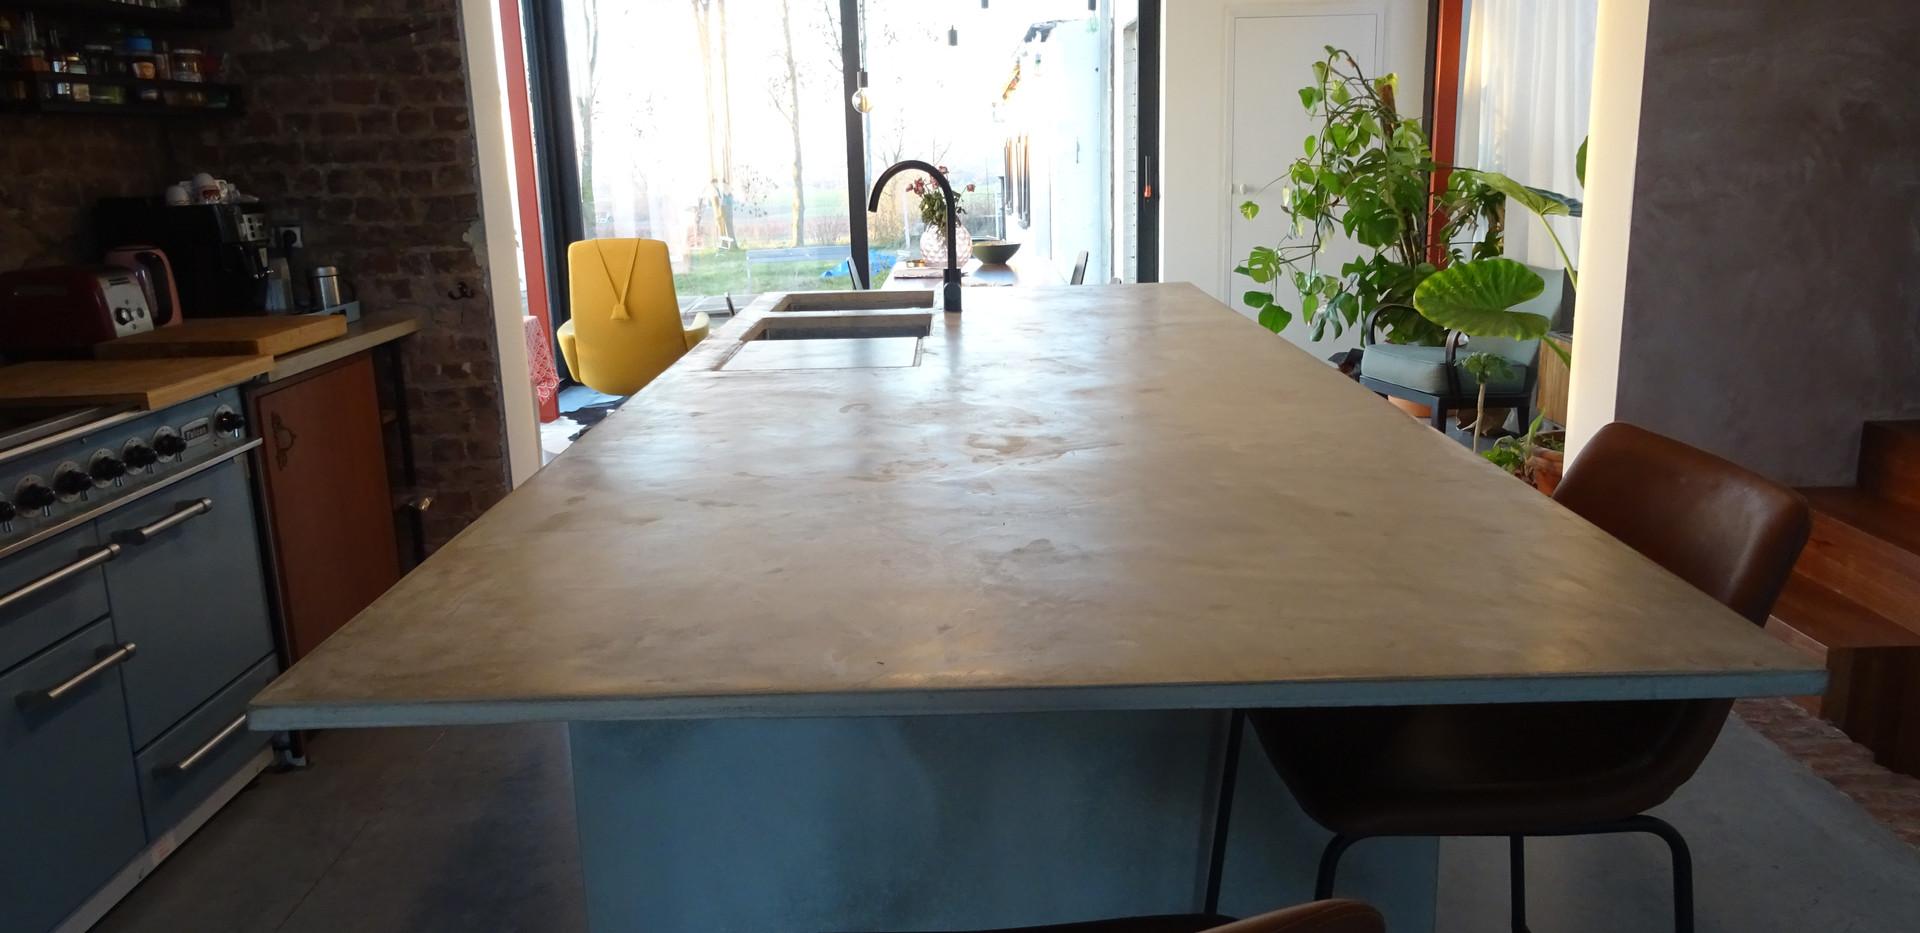 Keuken Mater (2).JPG